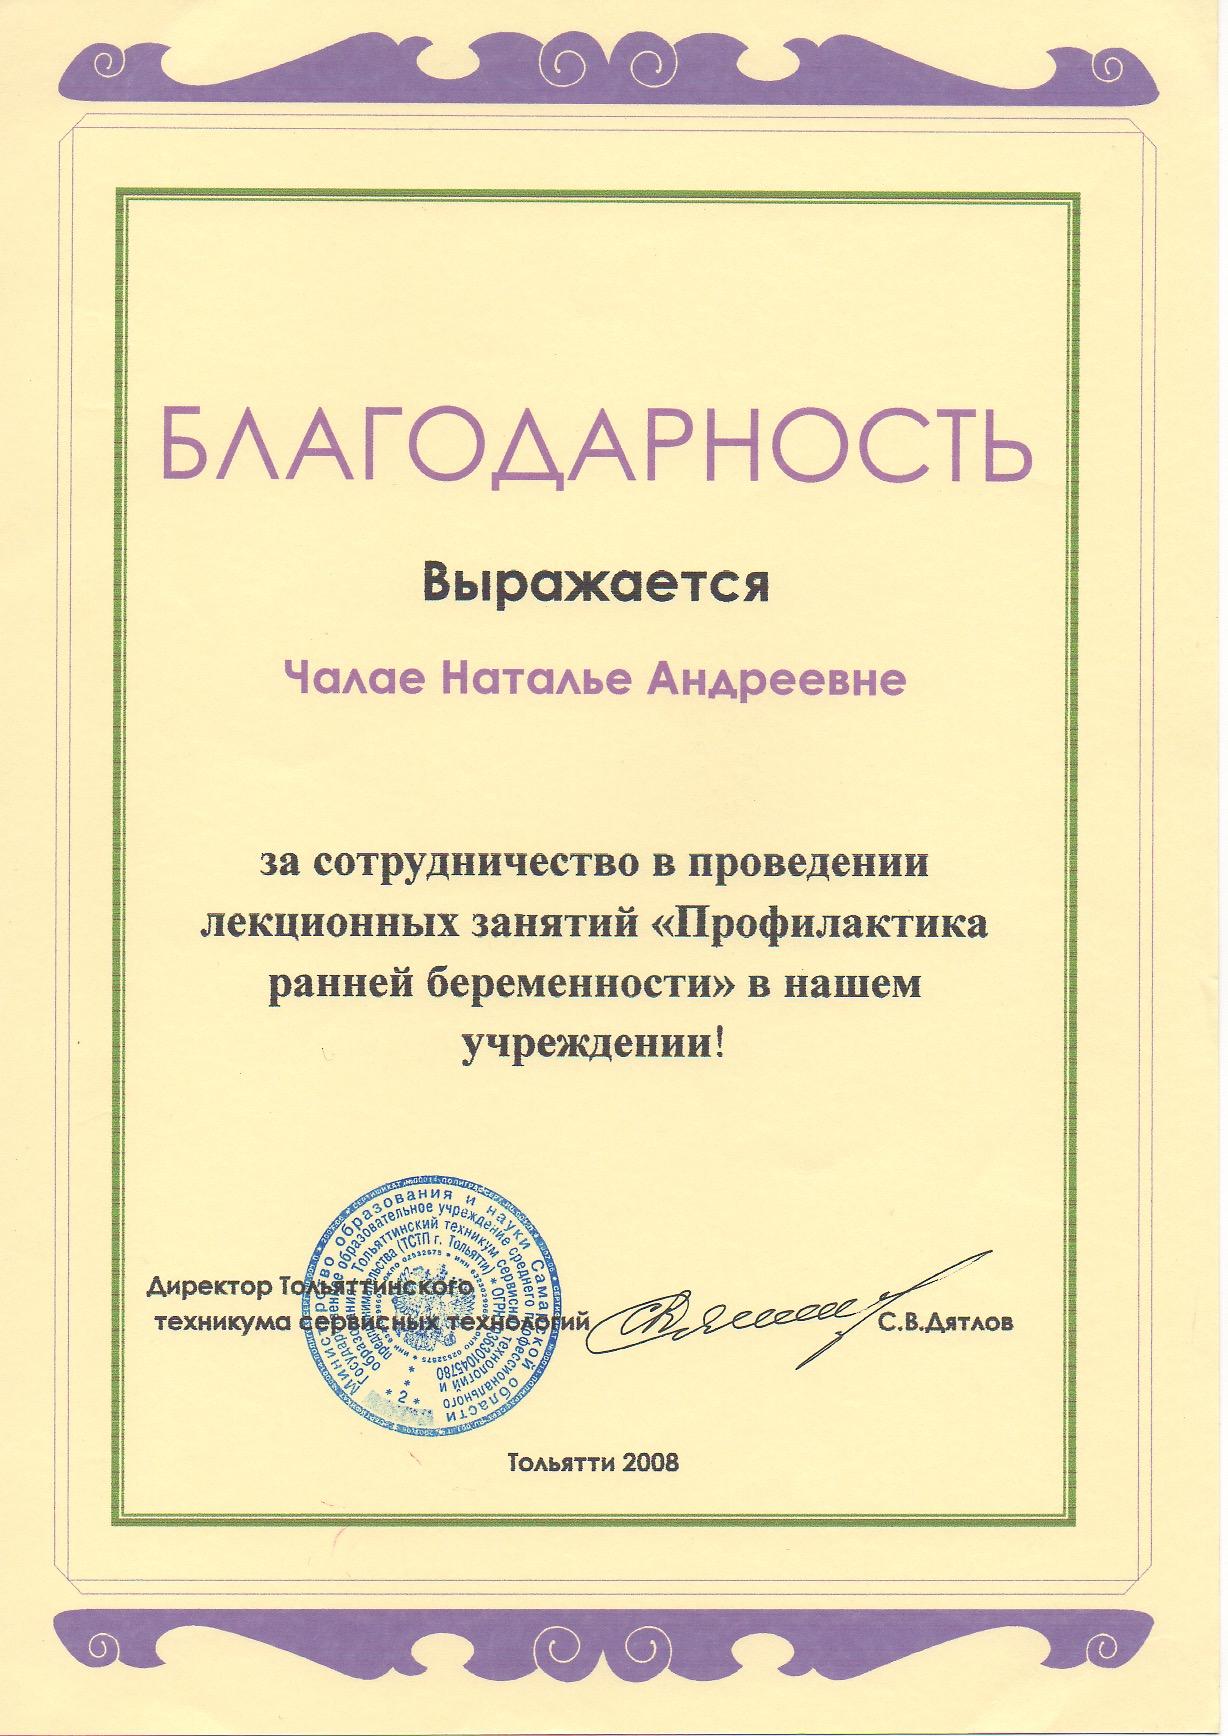 Тольятти 2008 год